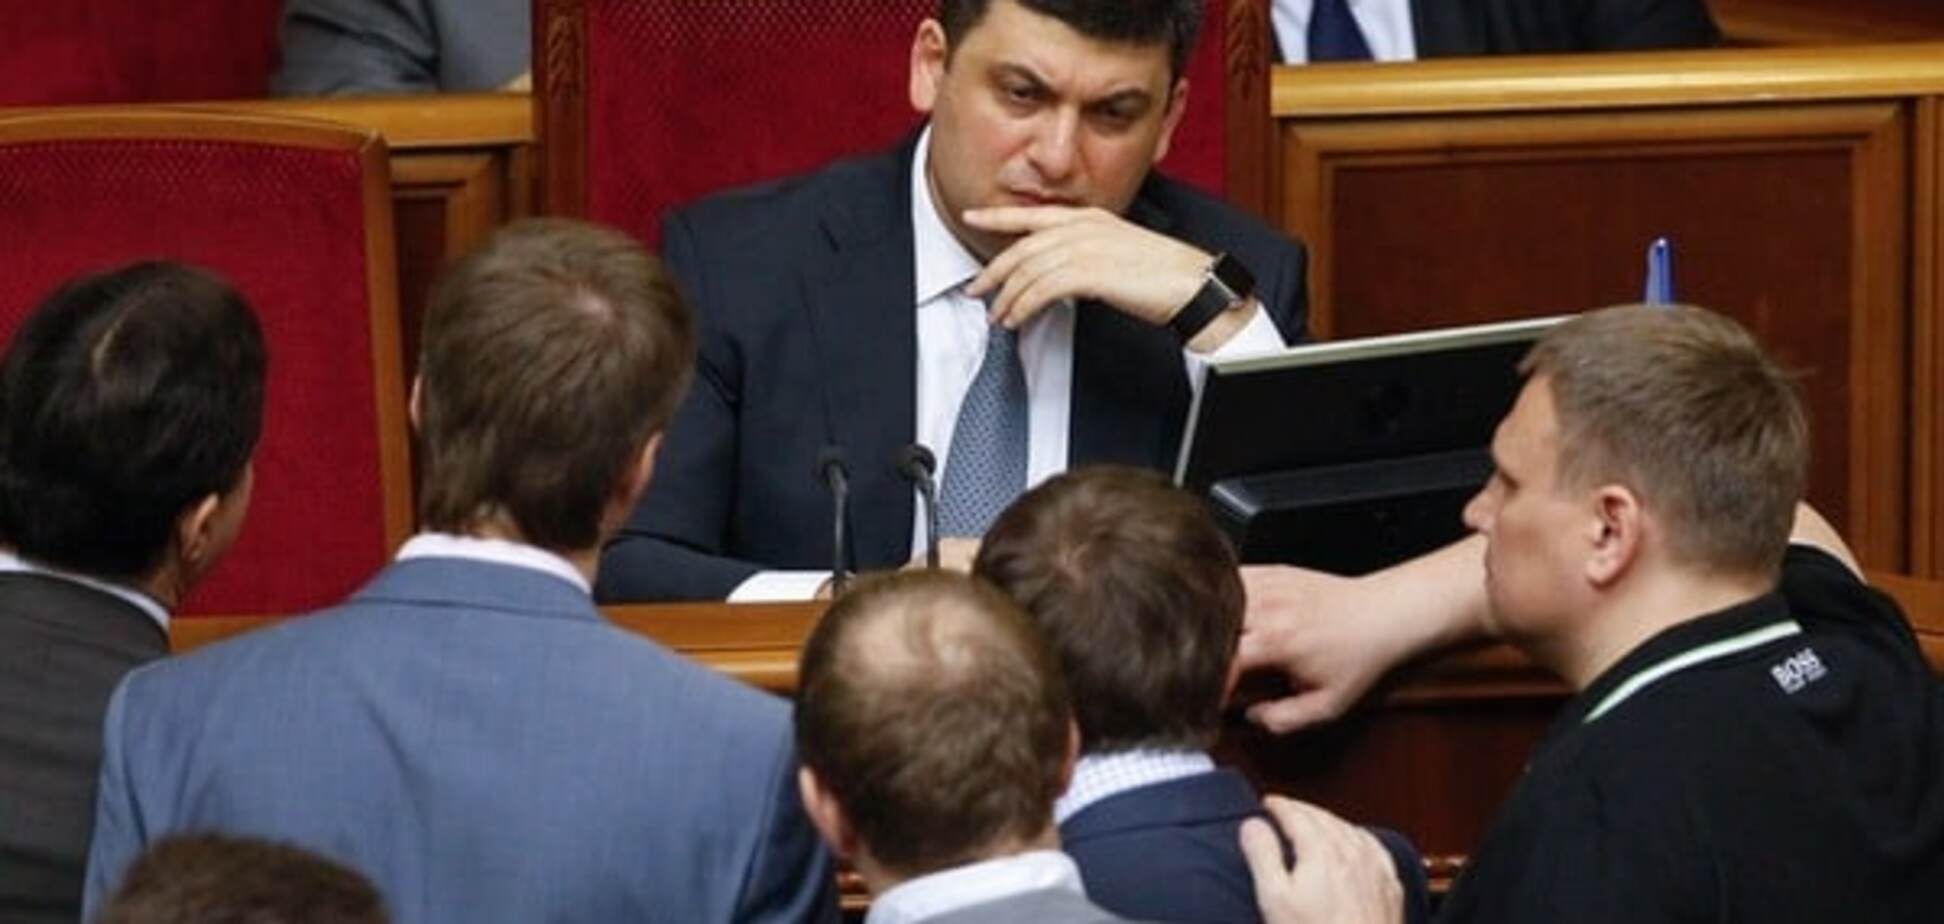 Прощання з урядом 'камікадзе': на Гройсмана чекає важке прем'єрство